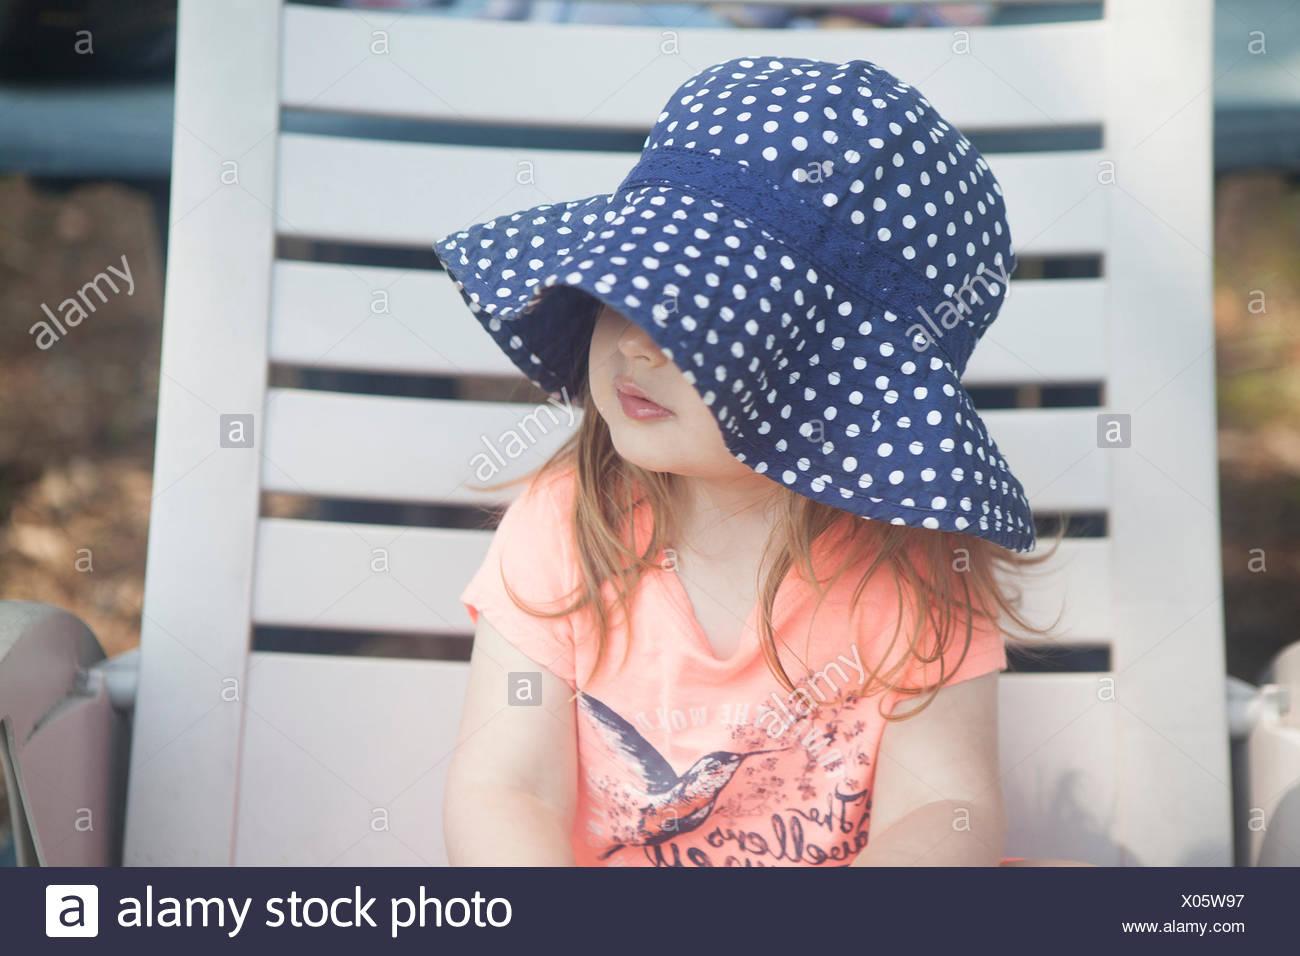 Ragazza seduta sulla sedia a sdraio Immagini Stock